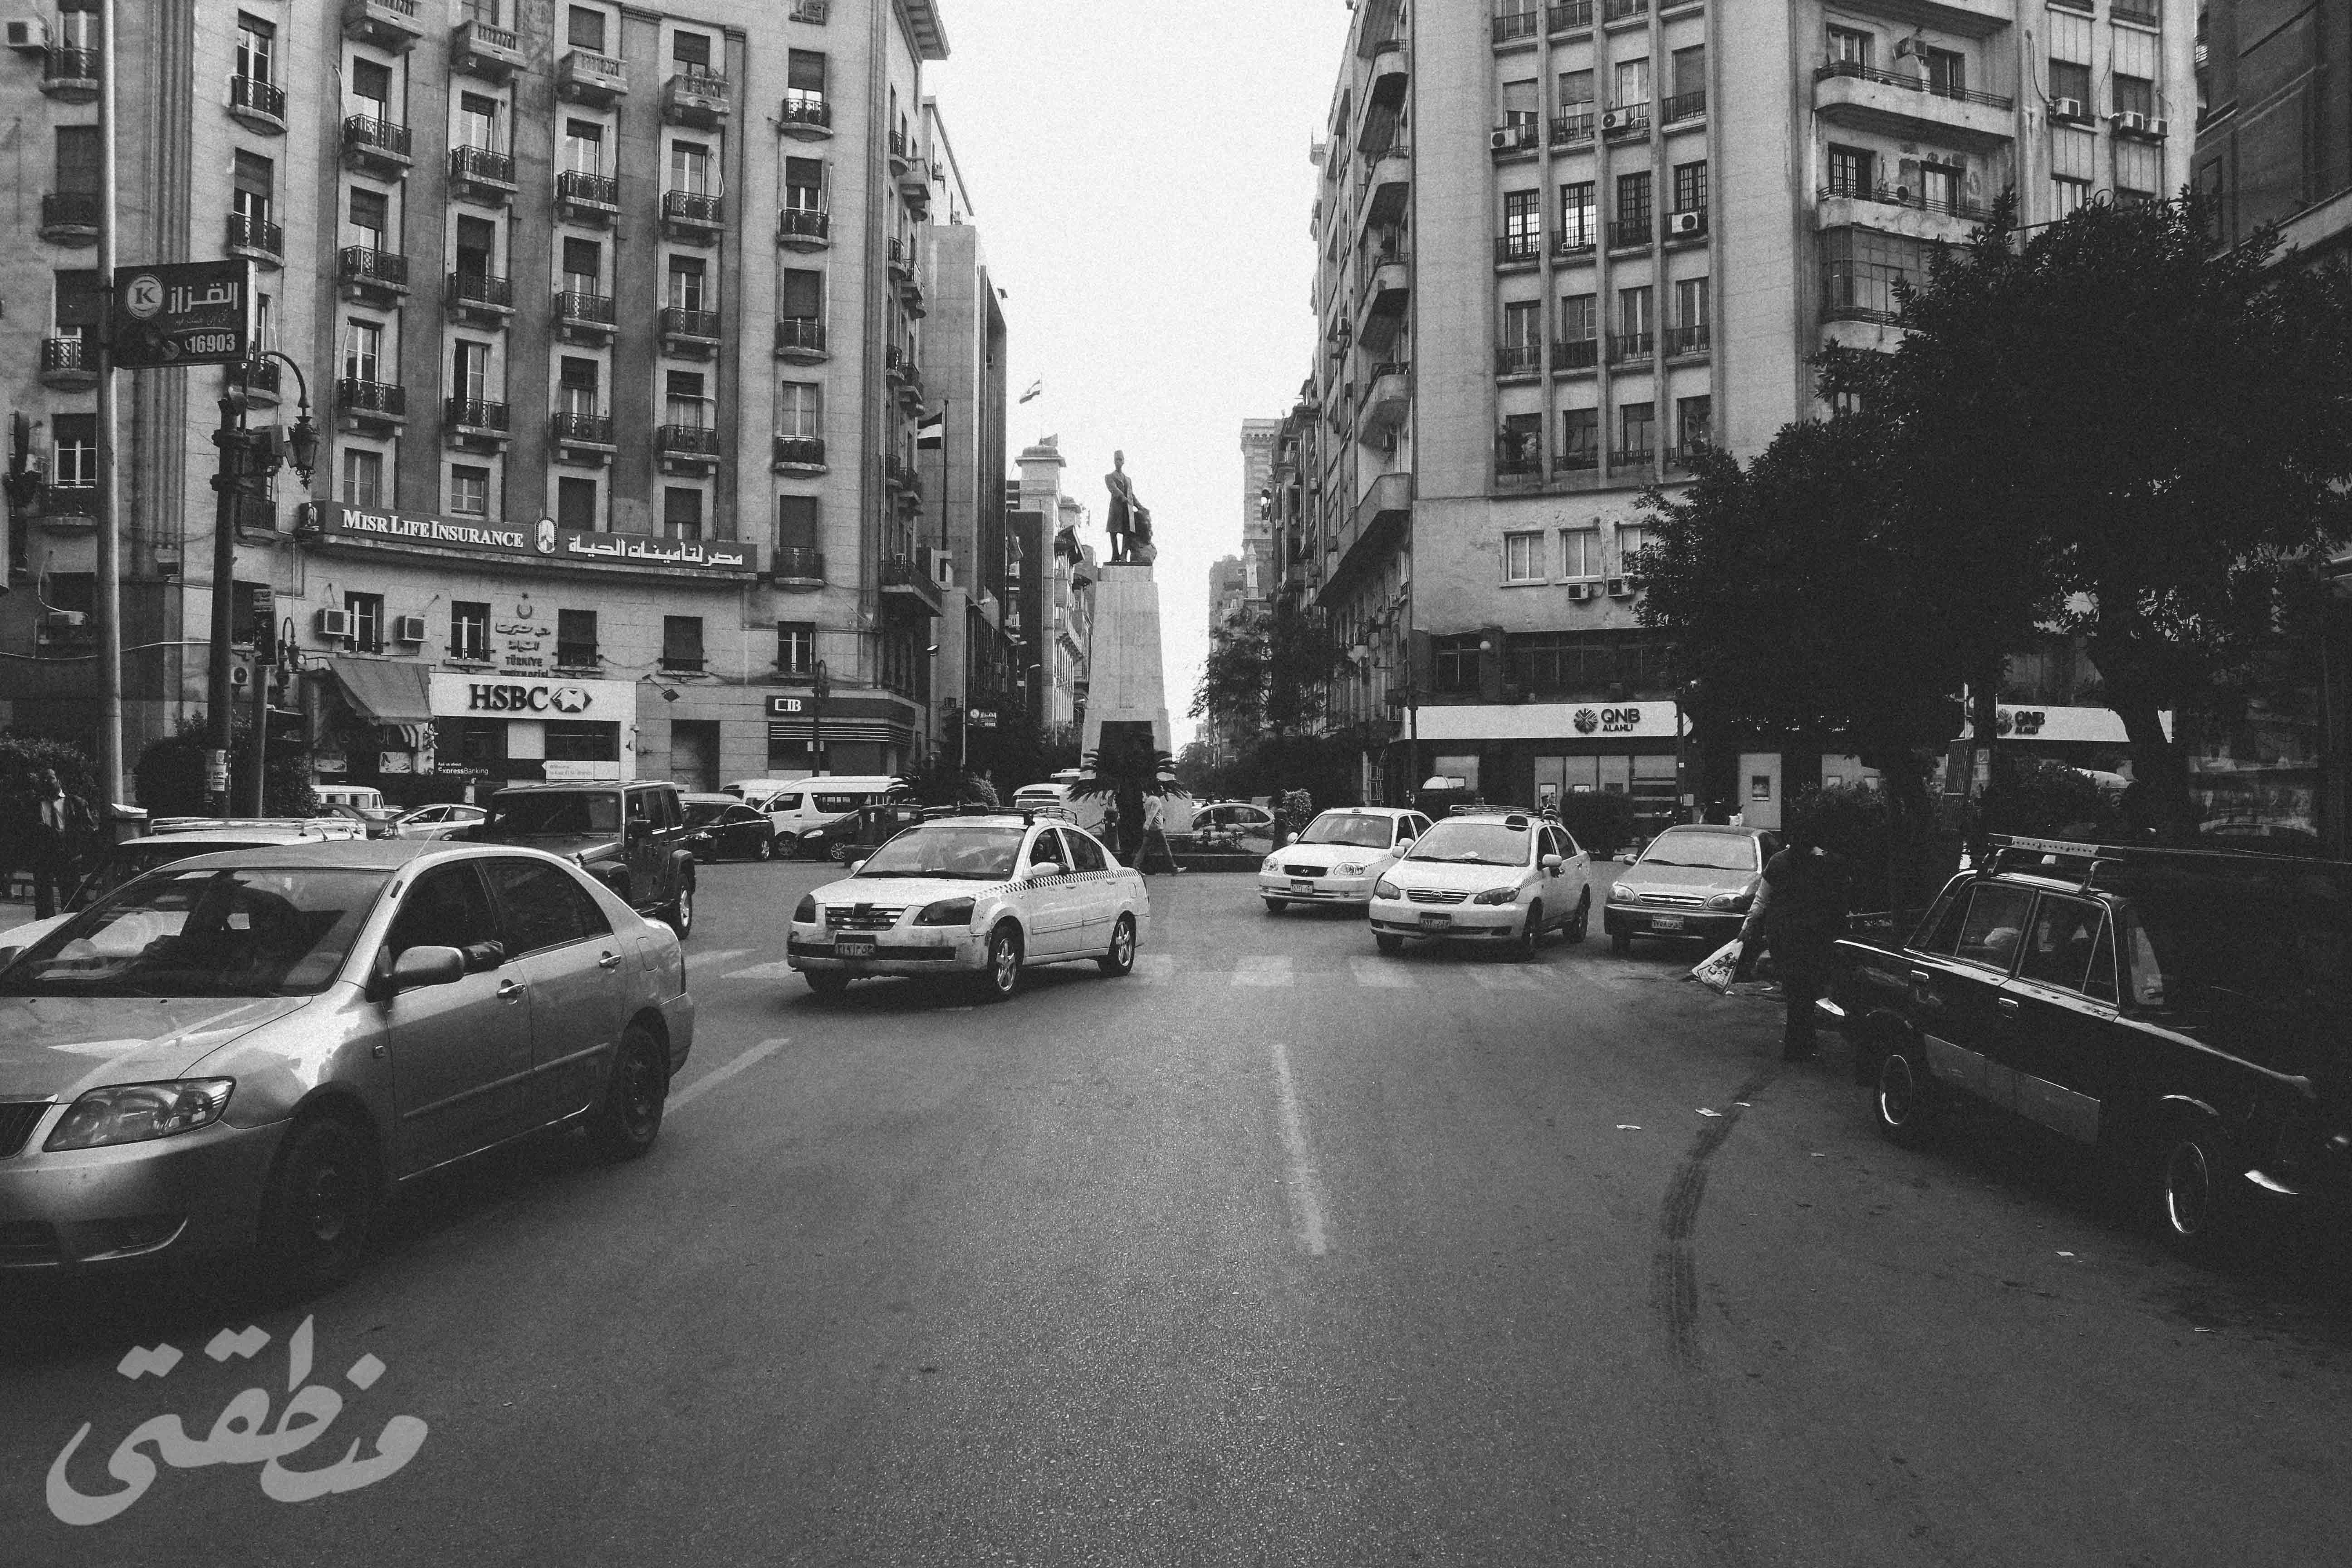 شارع محمد فريد، وفي الخلفية ميدان مصطفى كامل - تصوير: صديق البخشونجي